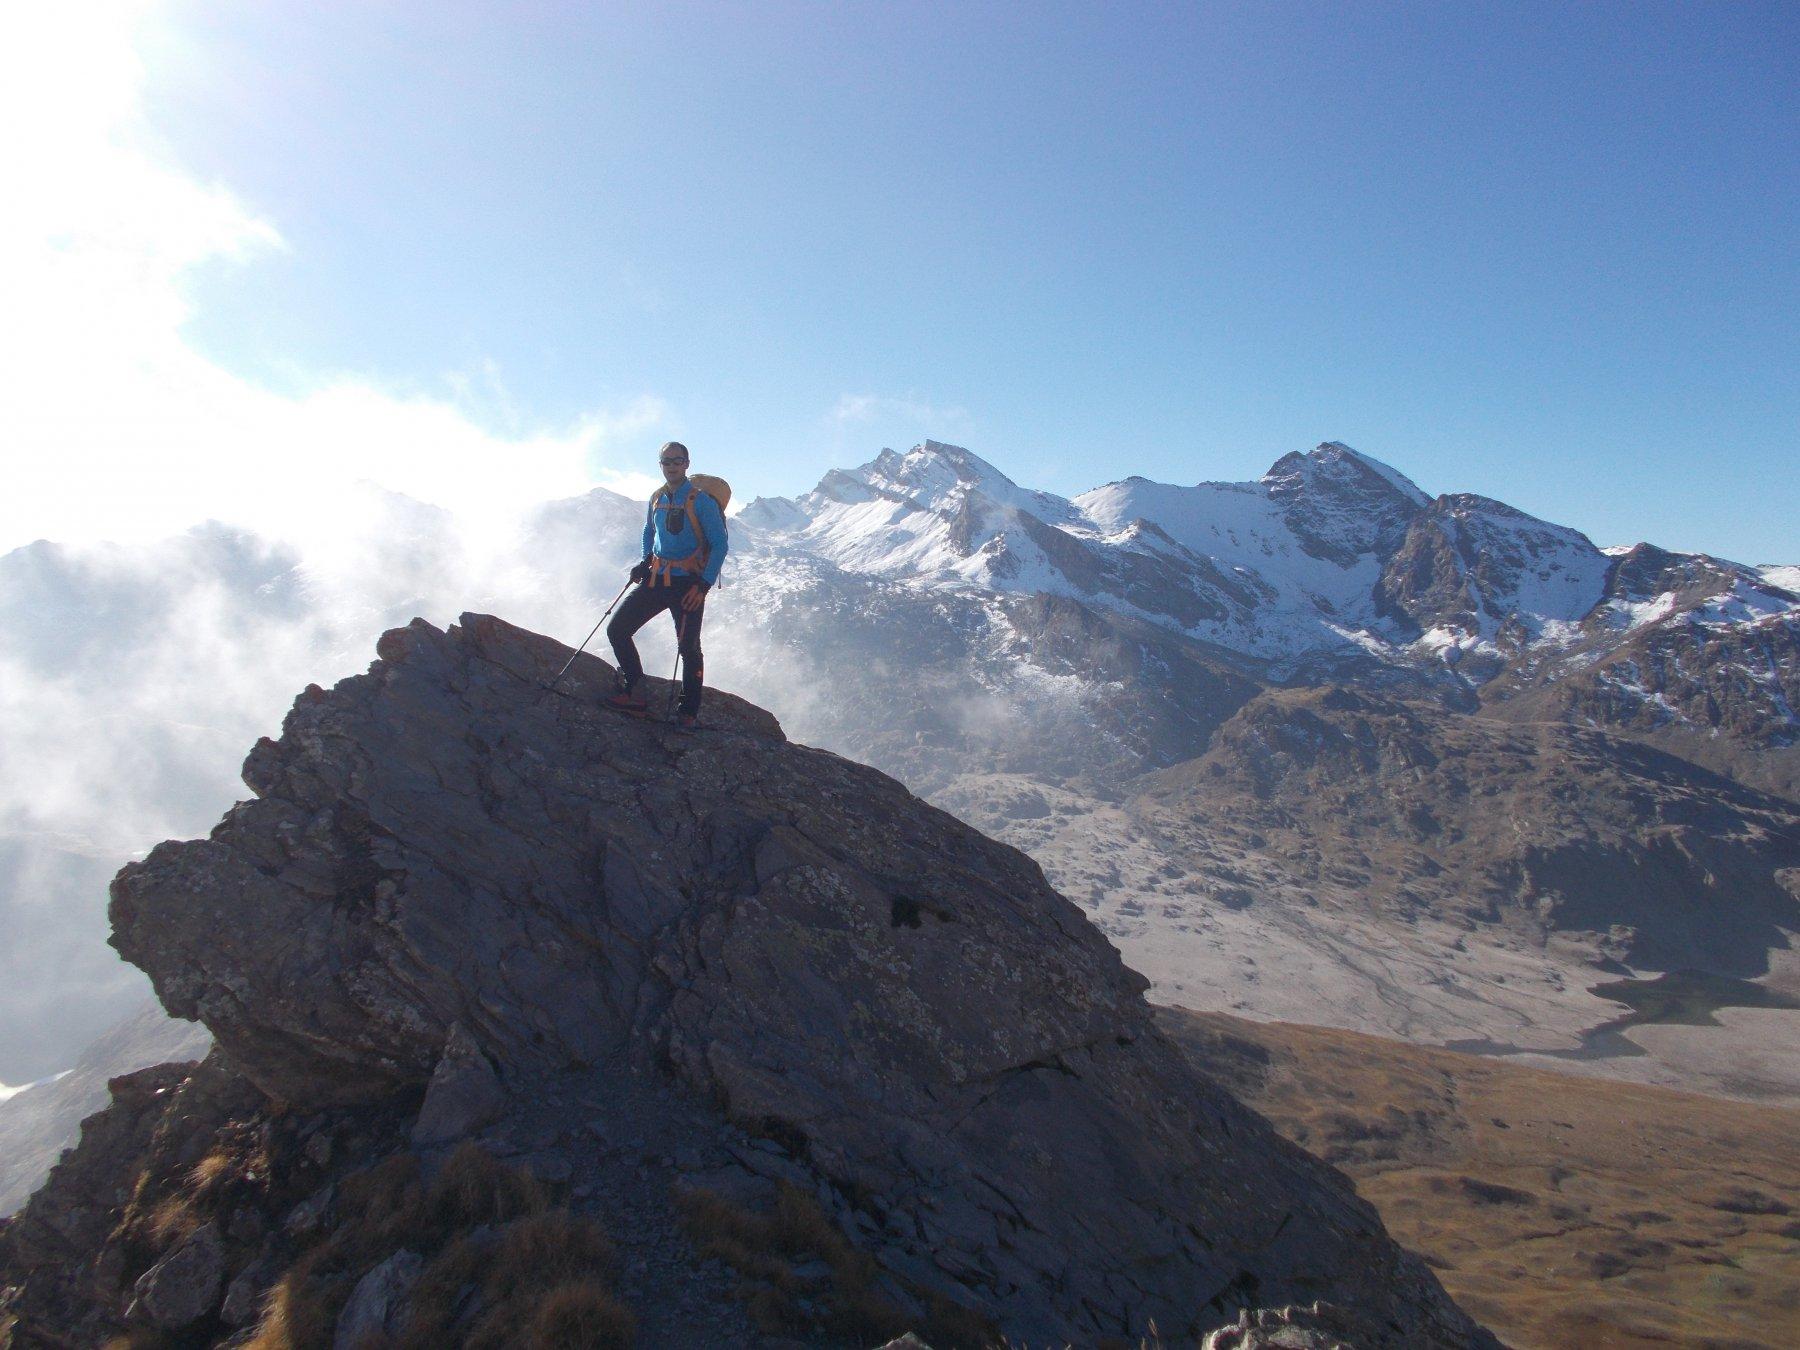 sguardo all'indietro verso il Salza e il Mongioie..dall'ancora facile cresta che porta al Col Blanchatre..